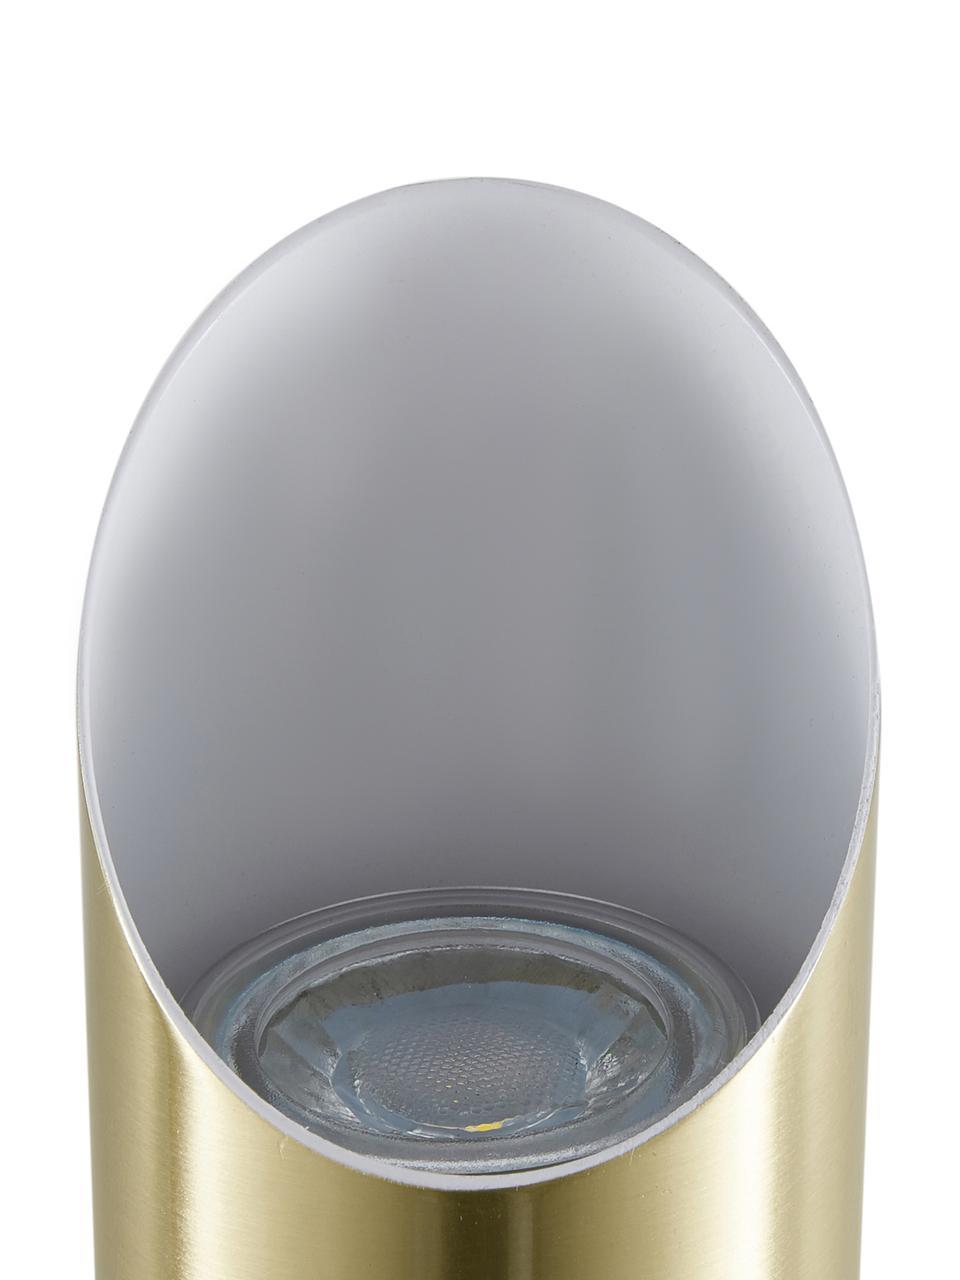 Wandleuchte Renee in Gold, Lampenschirm: Metall, gebürstet, Goldfarben,matt, 7 x 28 cm